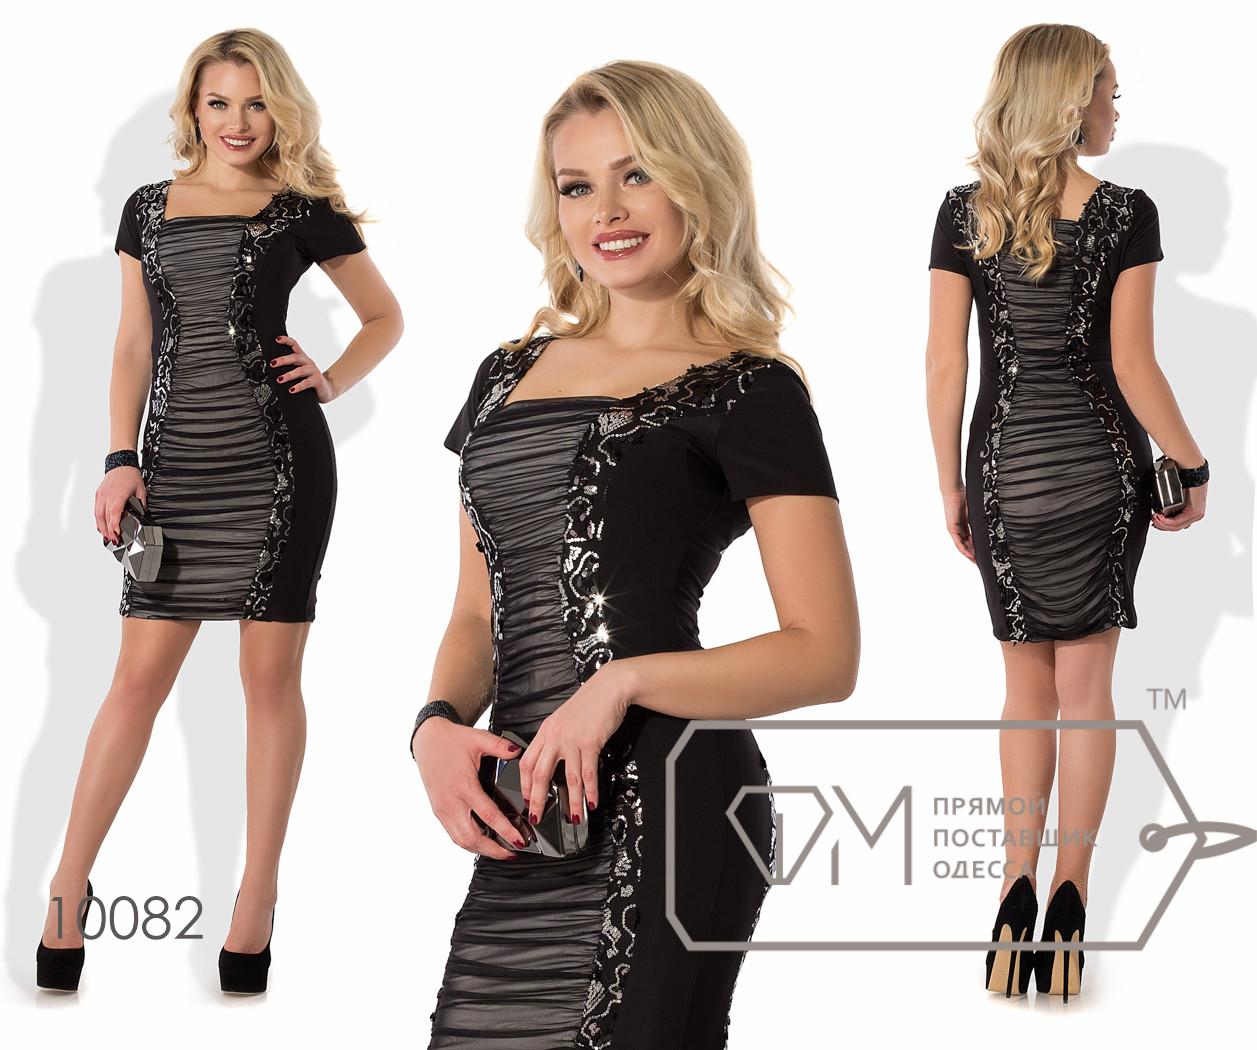 Платье-футляр мини облегающее из микромасла с короткими рукавами, квадратным вырезом и двусторонней контрастной вставкой из сетки с пайетками 10082